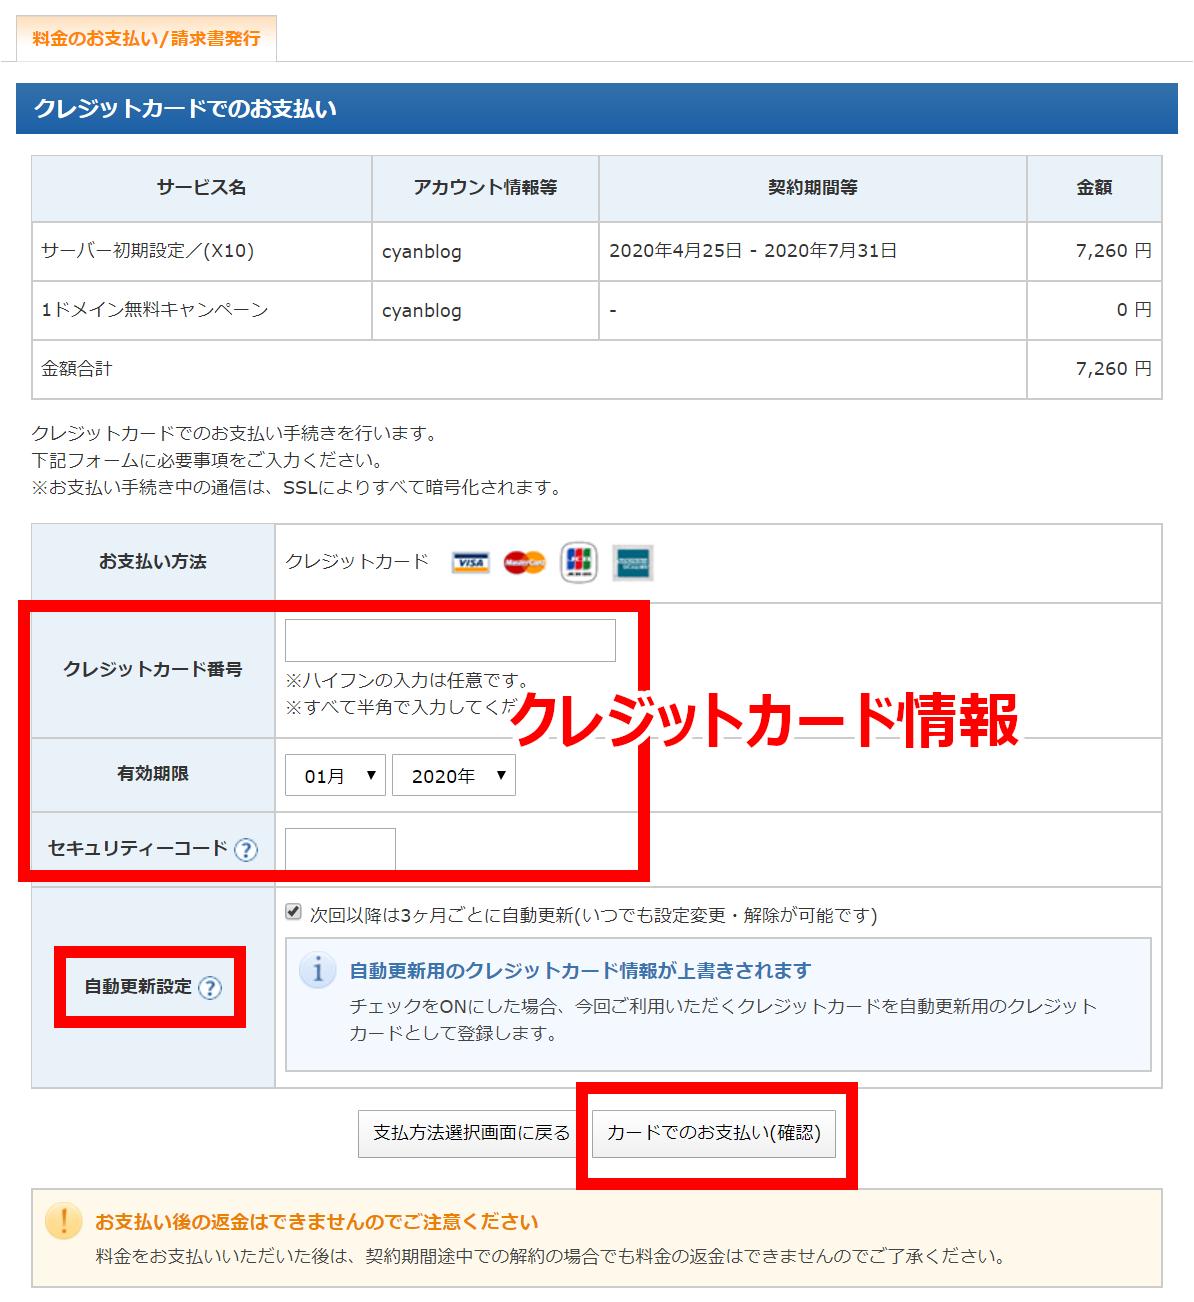 エックスサーバー「クレジットカード決済」の情報を入力する